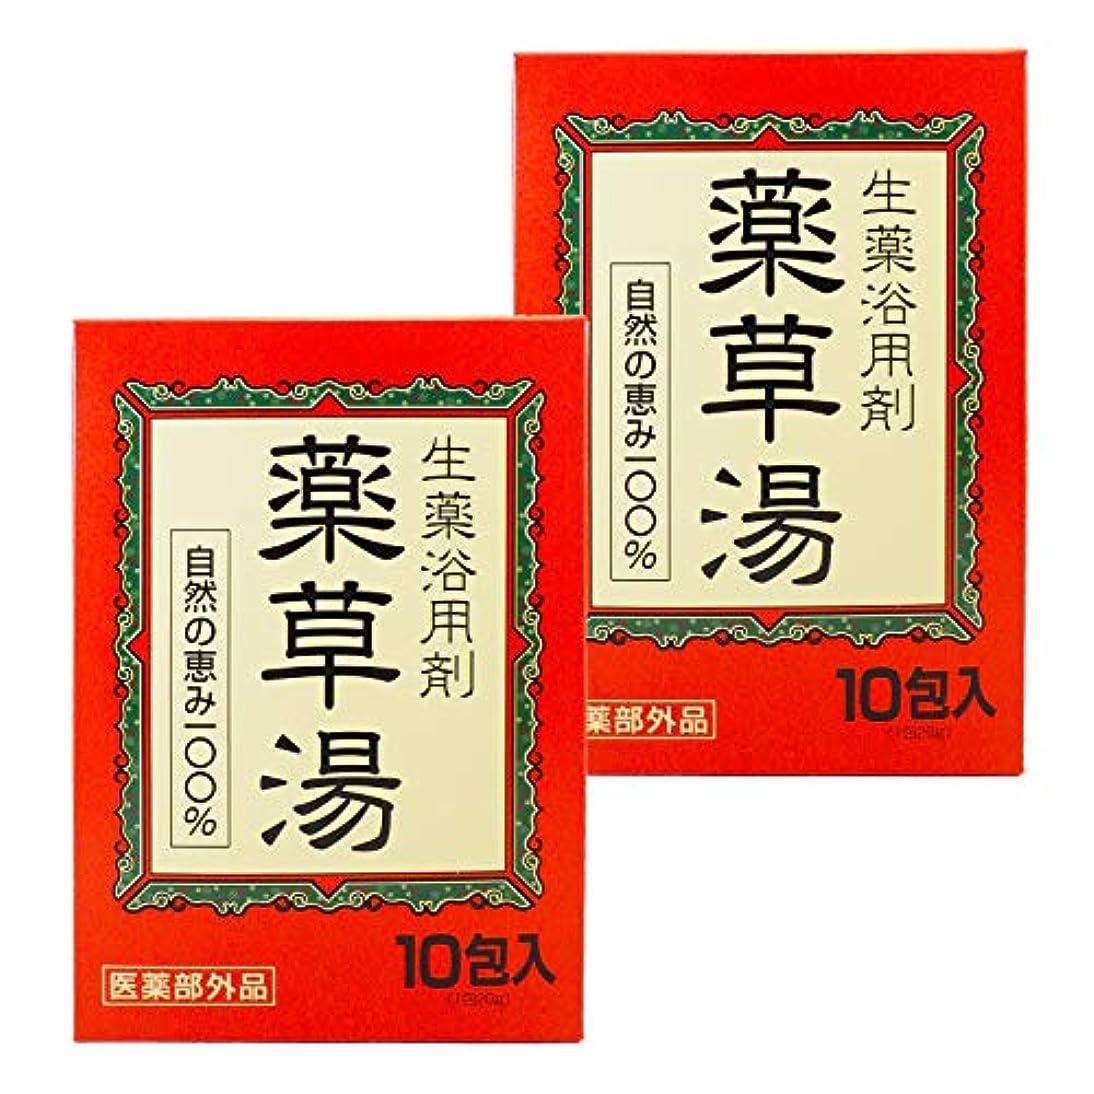 国際ゴールデン信者【まとめ買い】 薬草湯 生薬浴用剤 10包入×2個 自然のめぐみ100% 医薬部外品